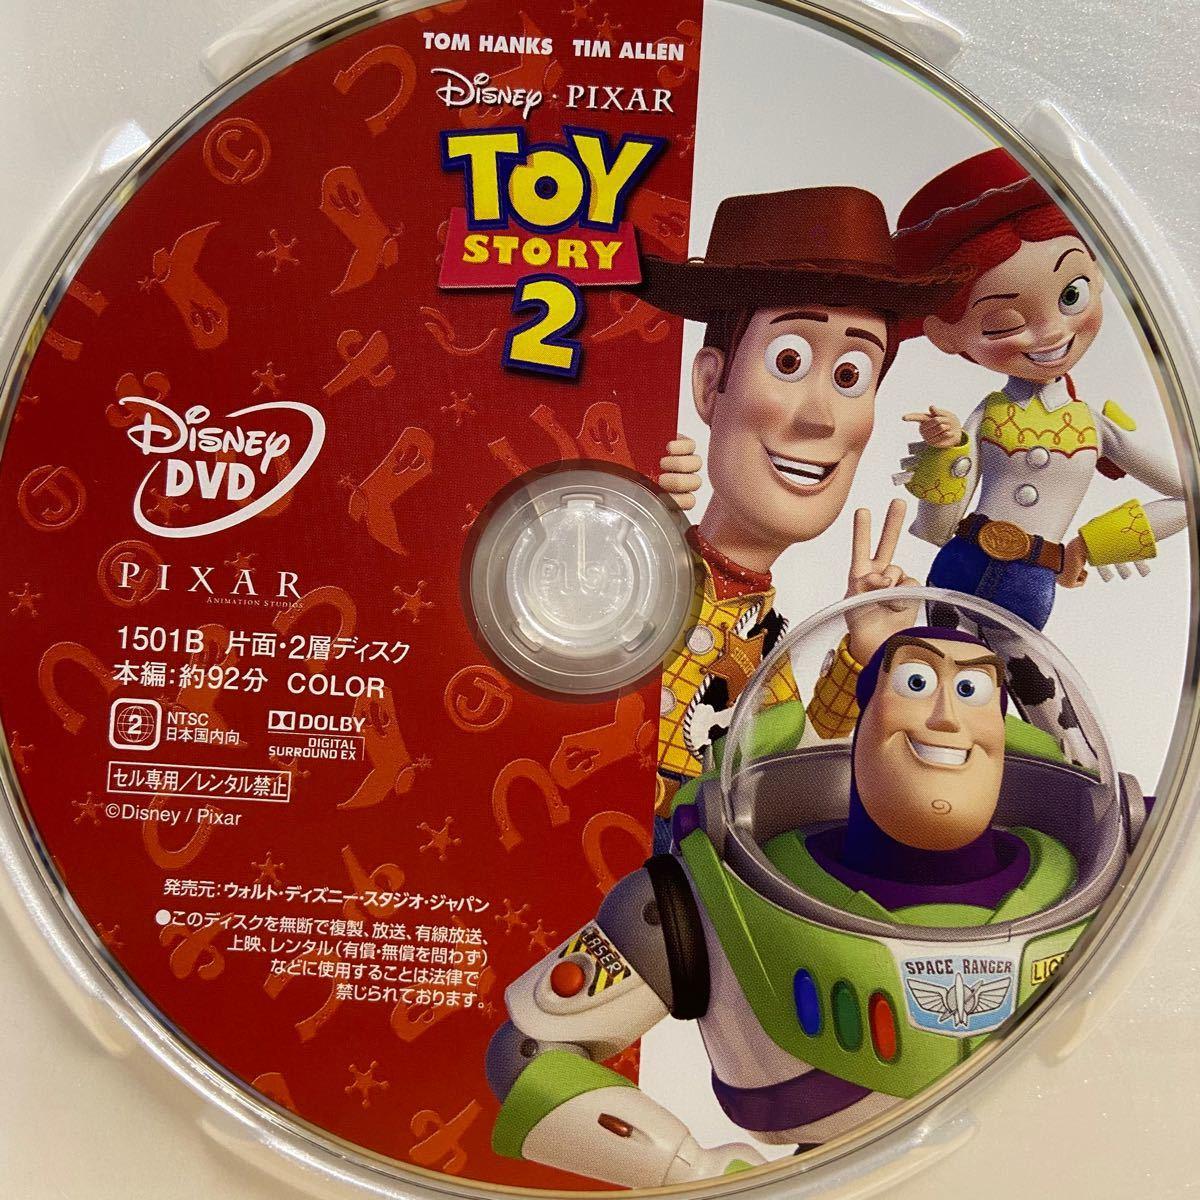 トイストーリー2 MovieNEX('99米) DVDのみ